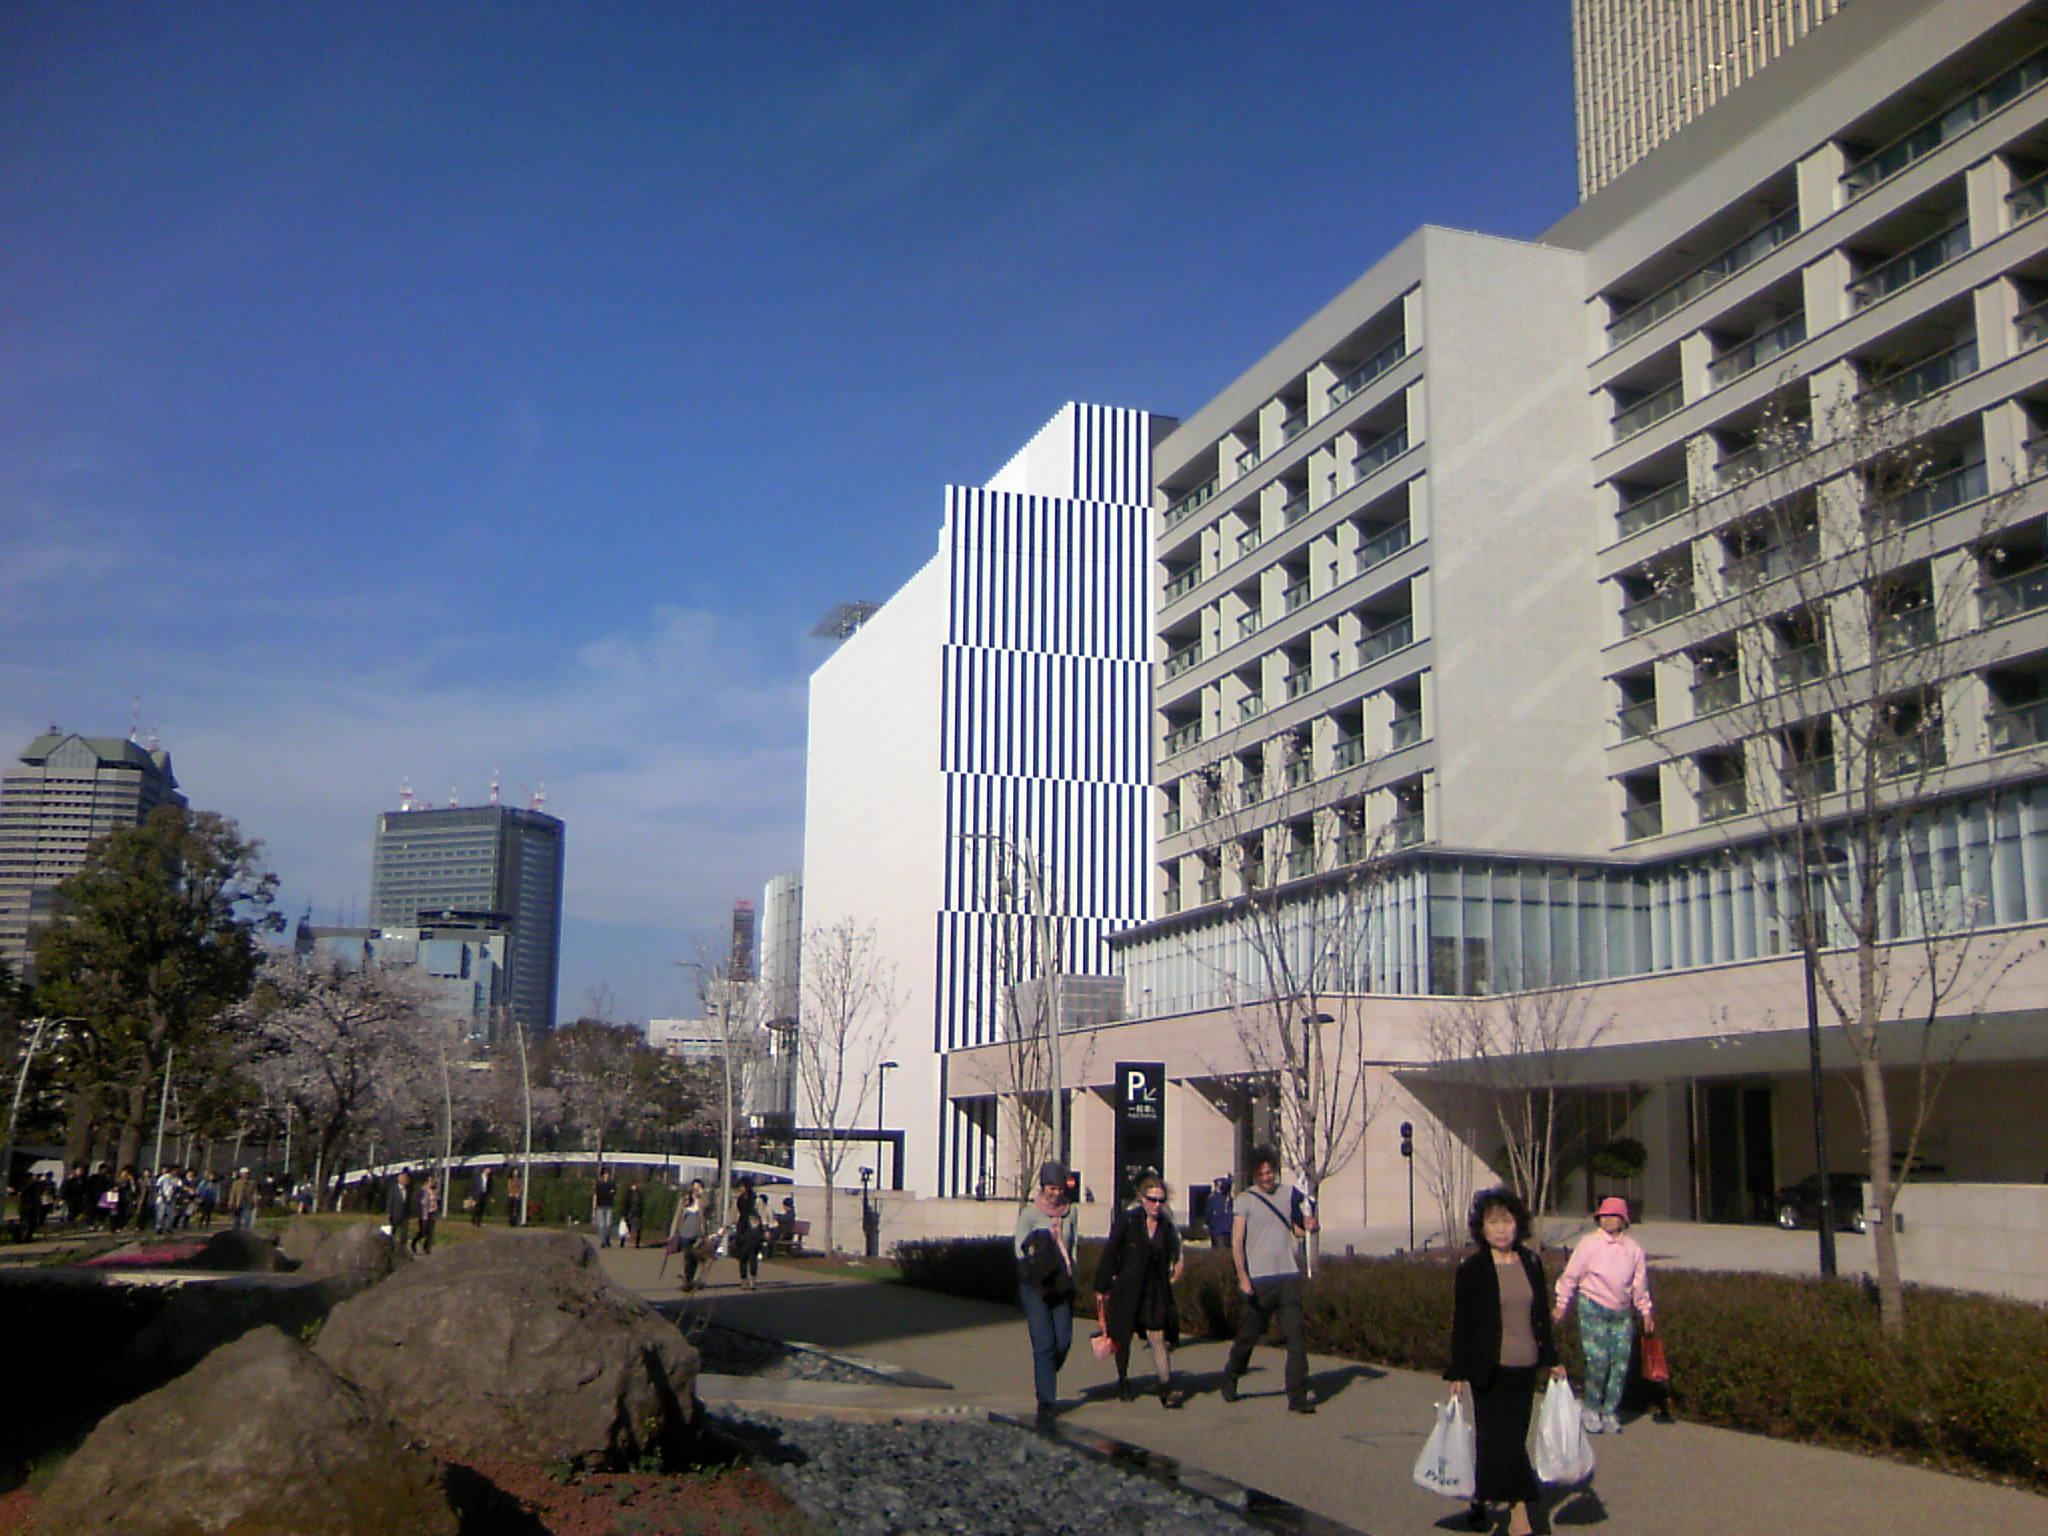 東京ミッドタウン_c0097137_15295162.jpg